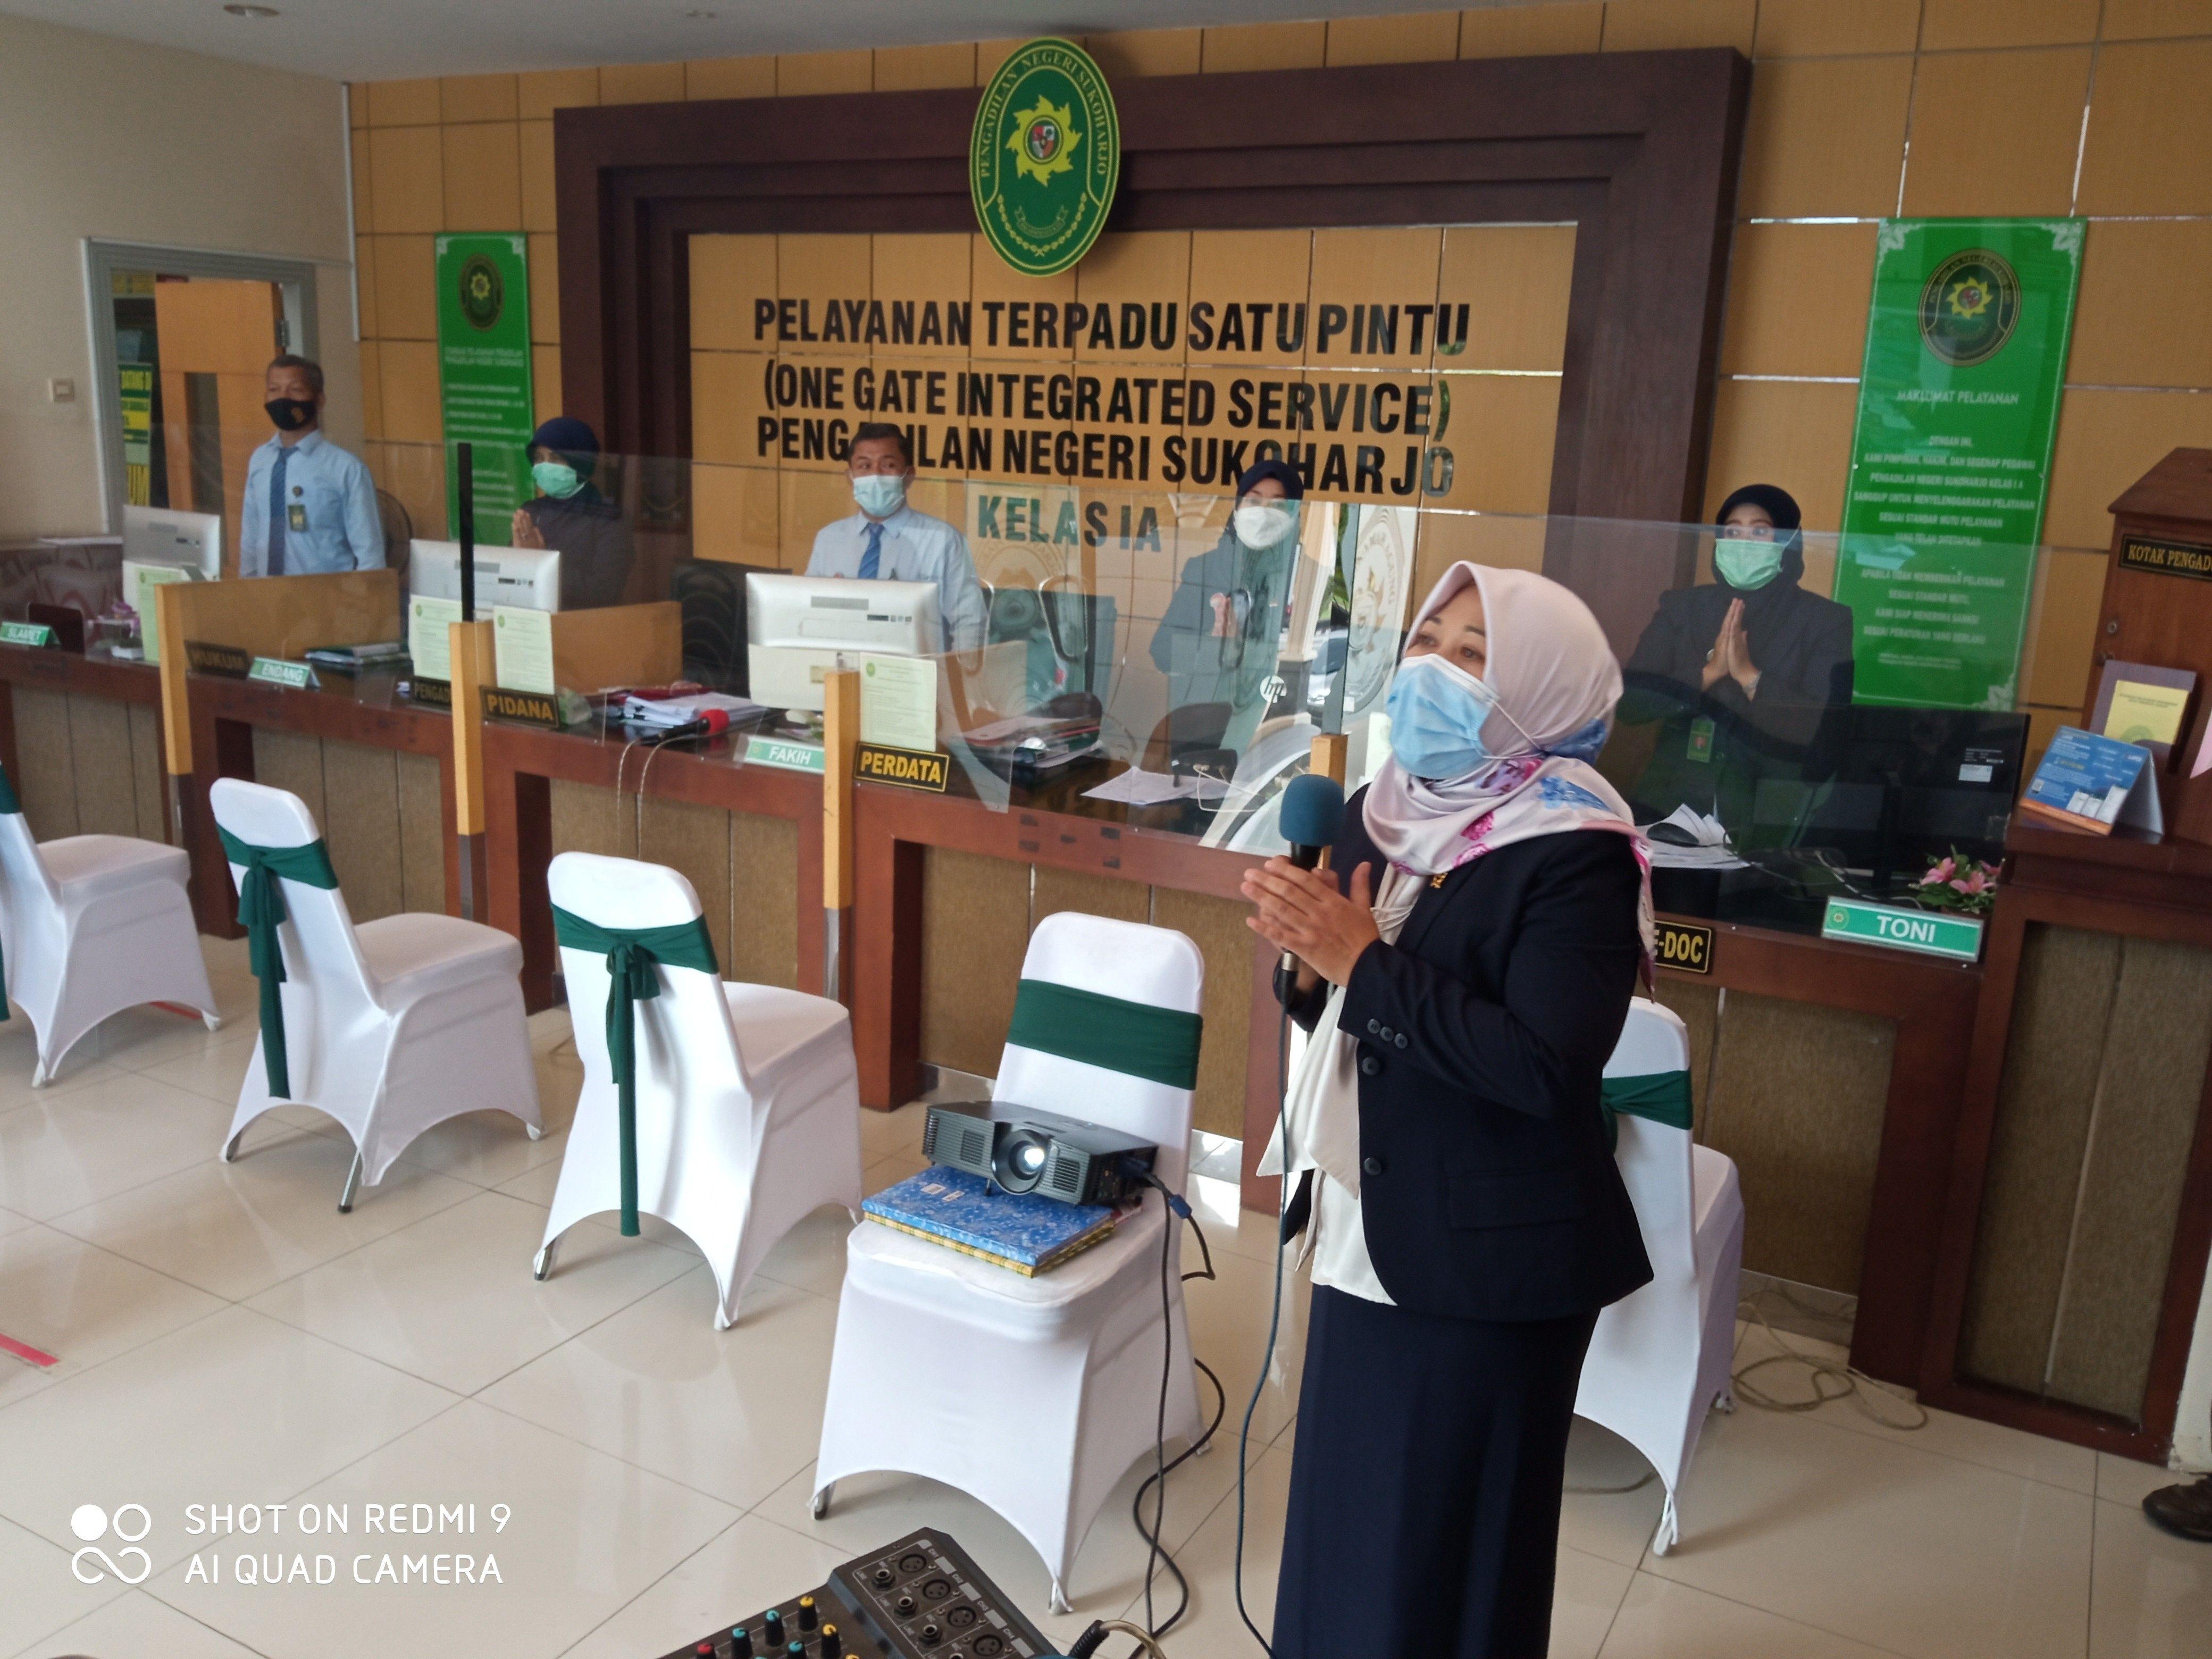 Penilaian Lomba PTSP oleh Pengadilan Tinggi Jawa Tengah